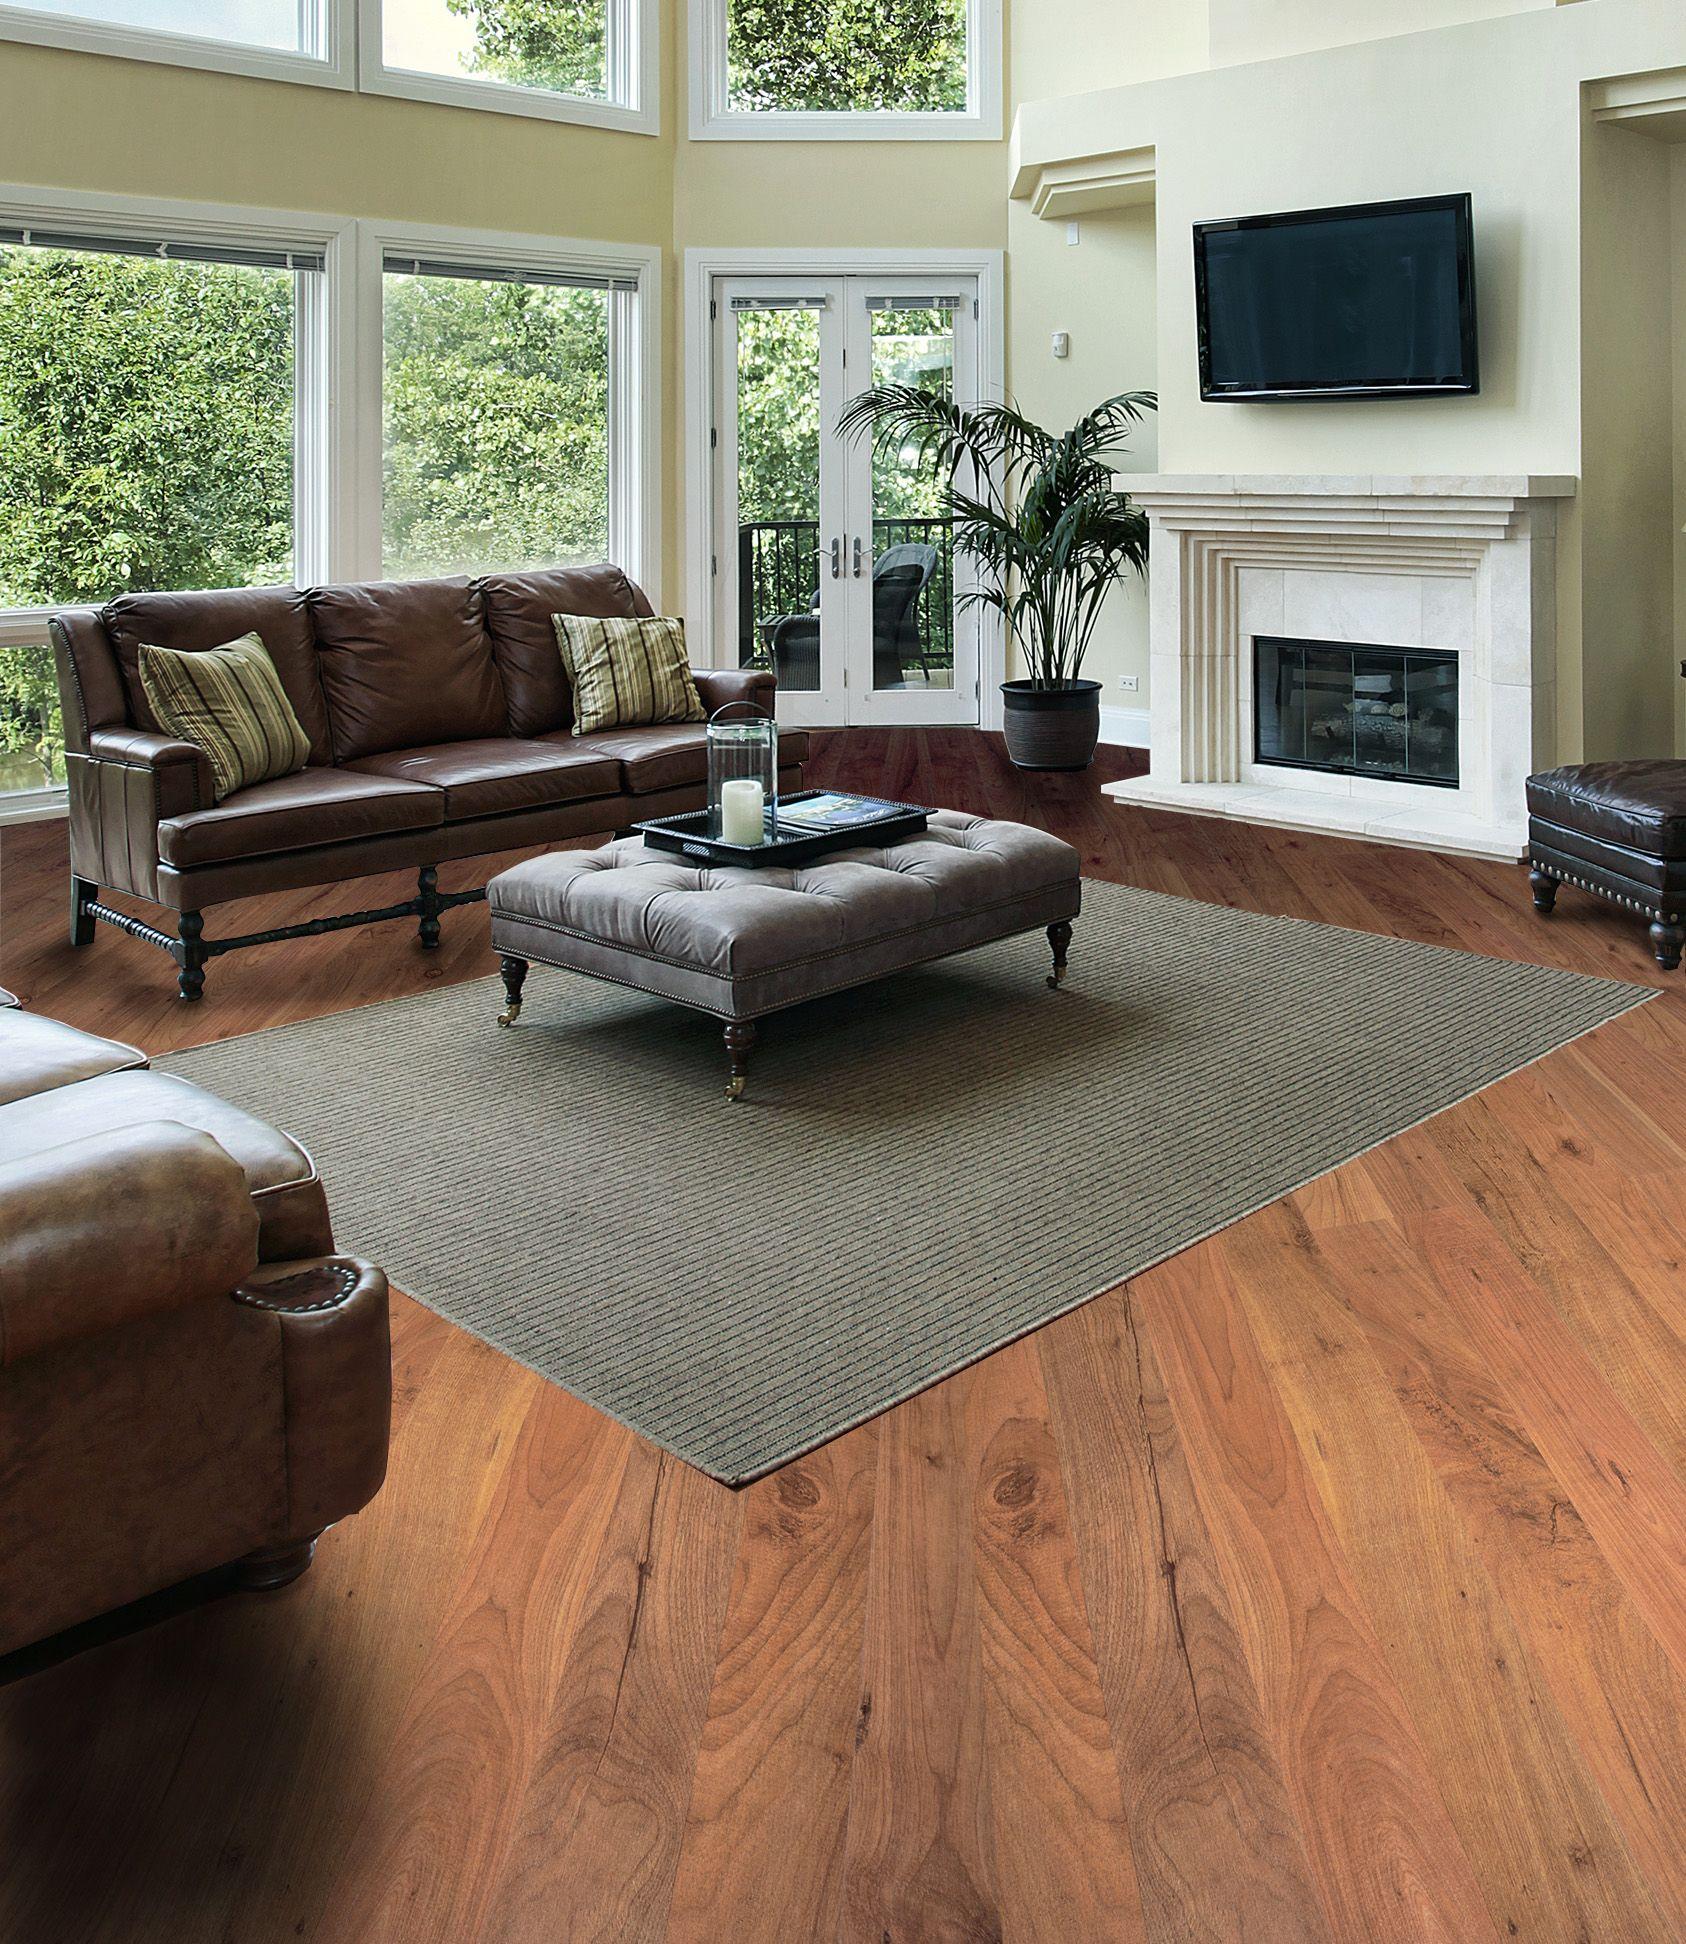 D le un look c lido a tu casa combinando tapetes con piso laminado decoracion del hogar - Piso sandra ...